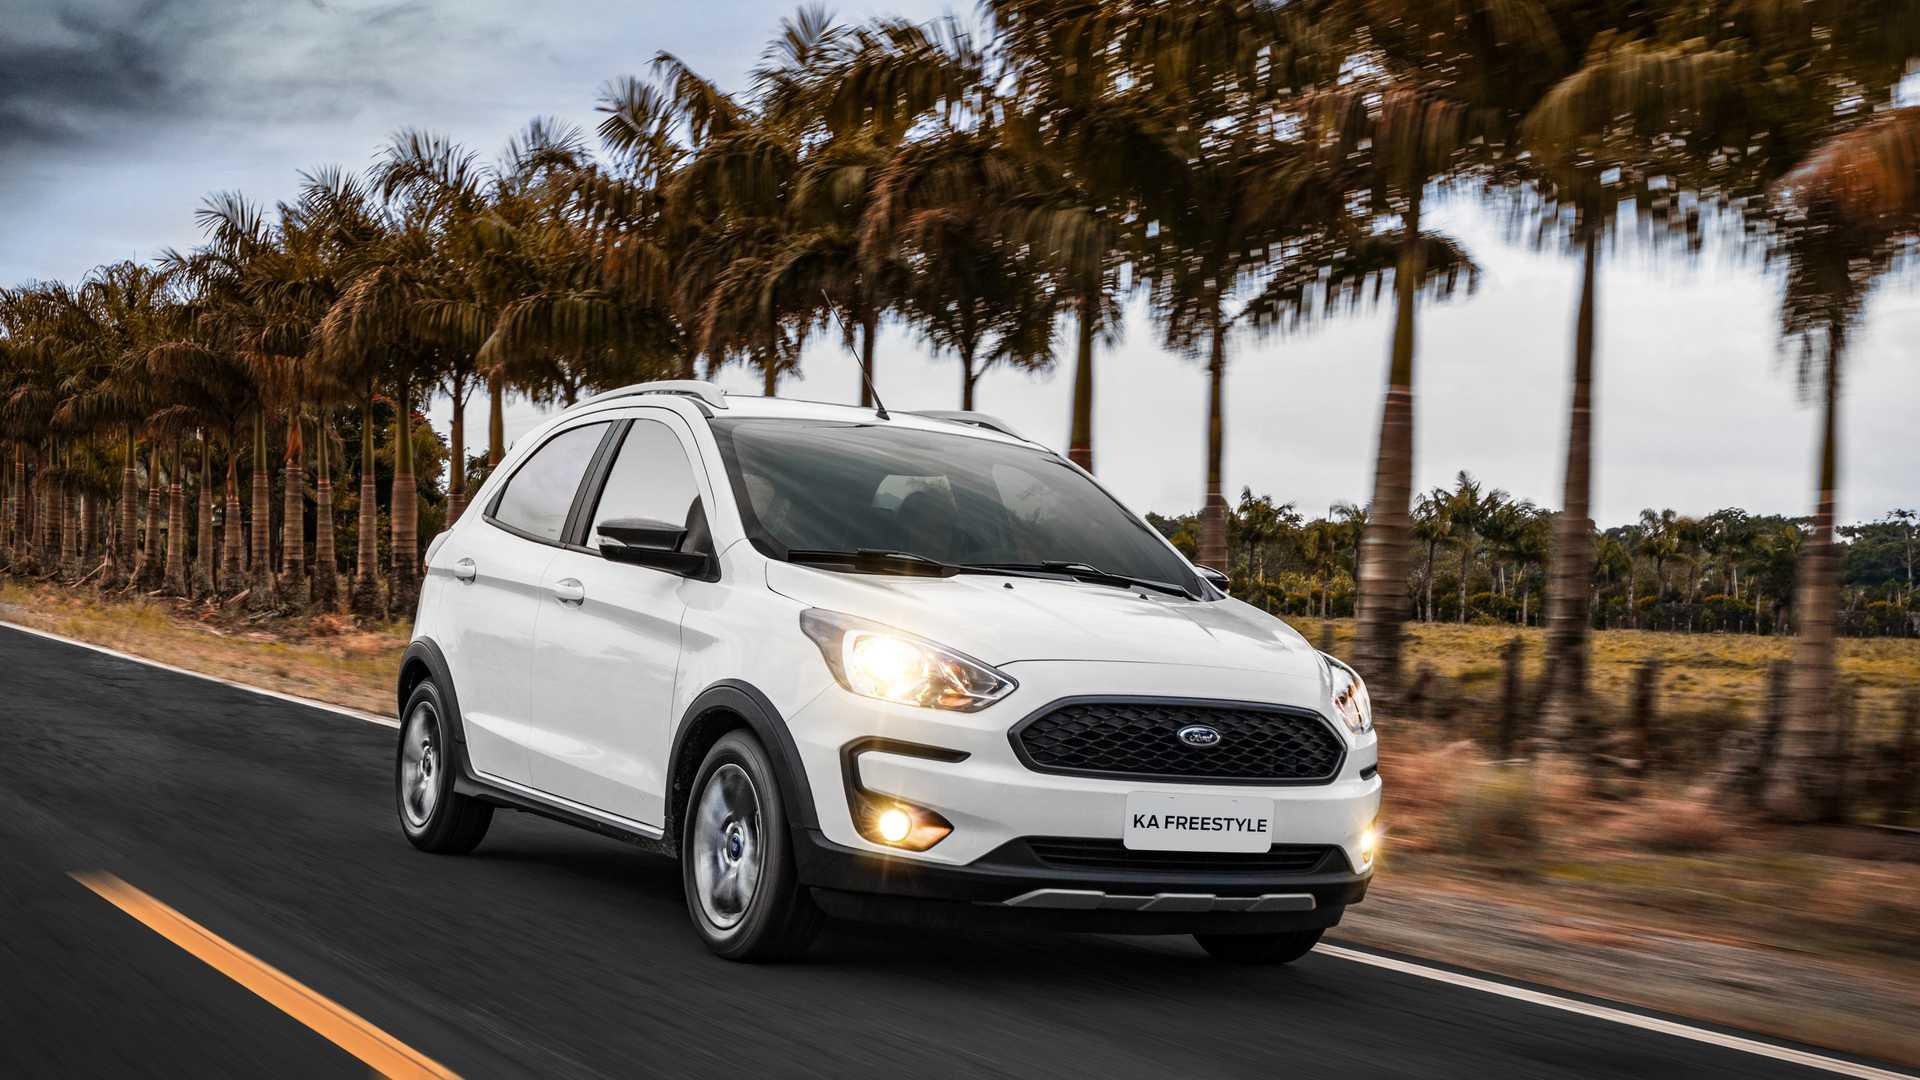 Foto do carro Ford Ka para ilustrar o texto Descubra os 10 carros mais econômicos do Brasil em 2020